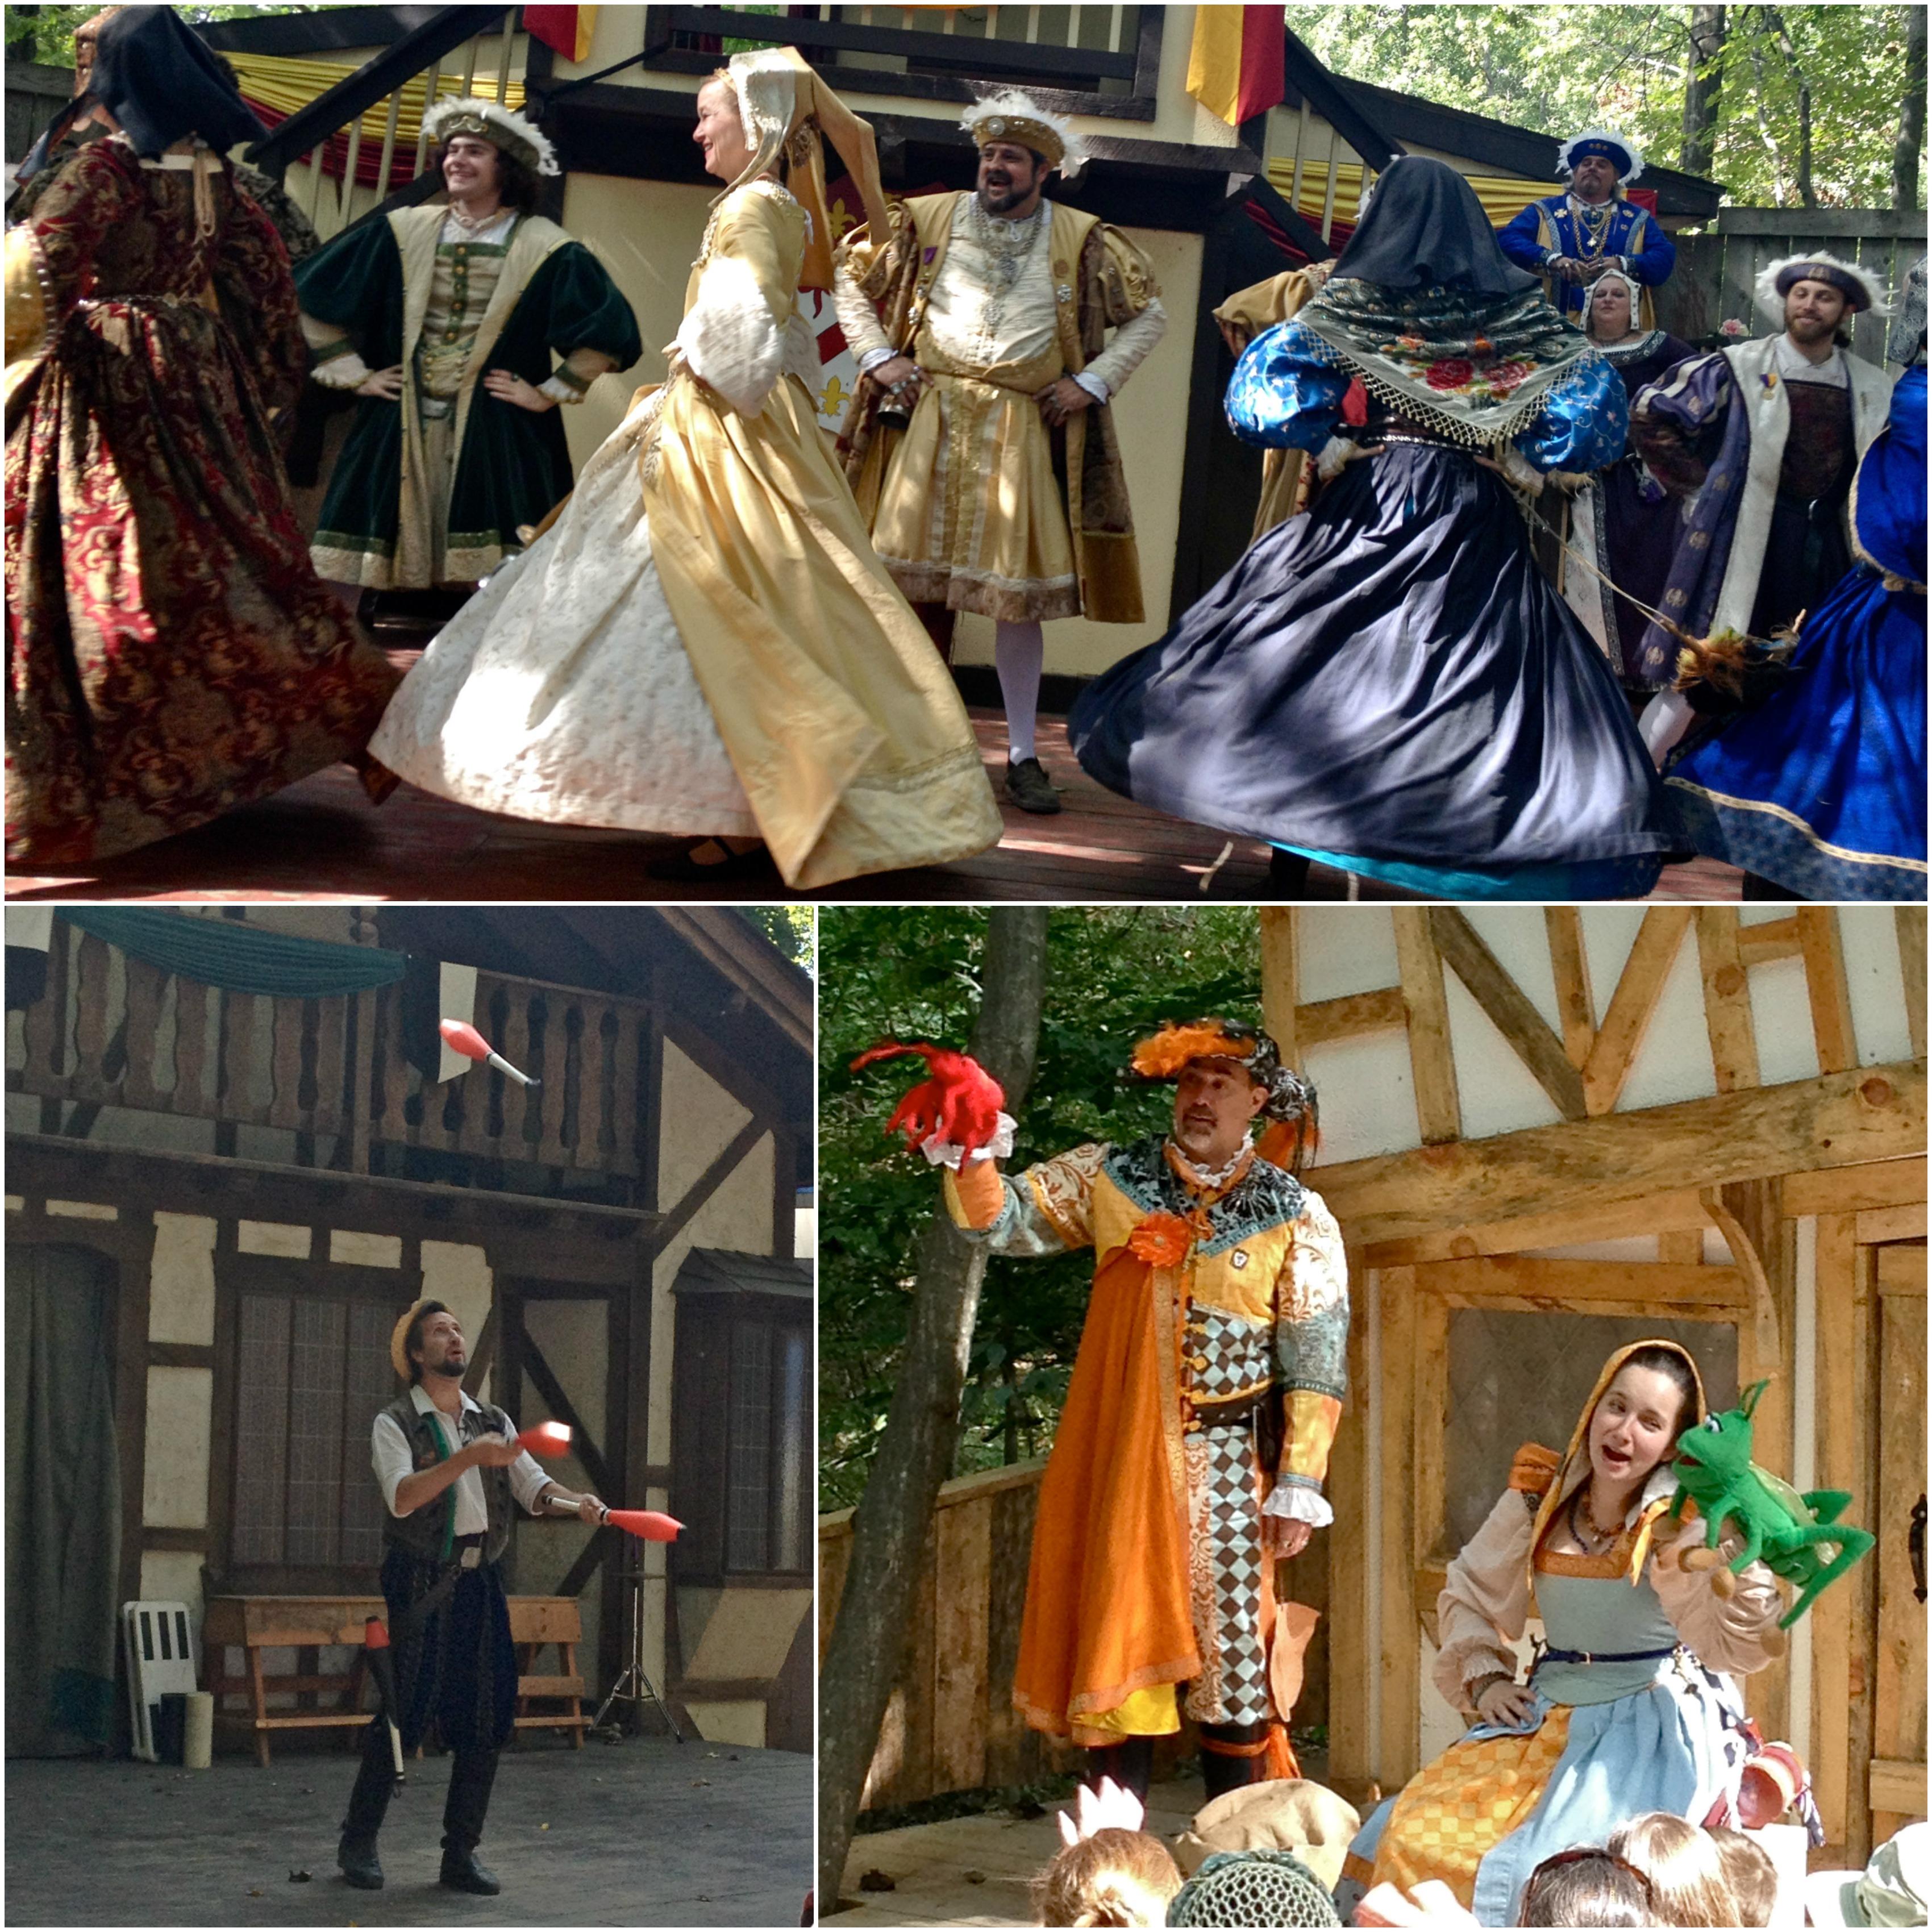 Renaissance Festival performances